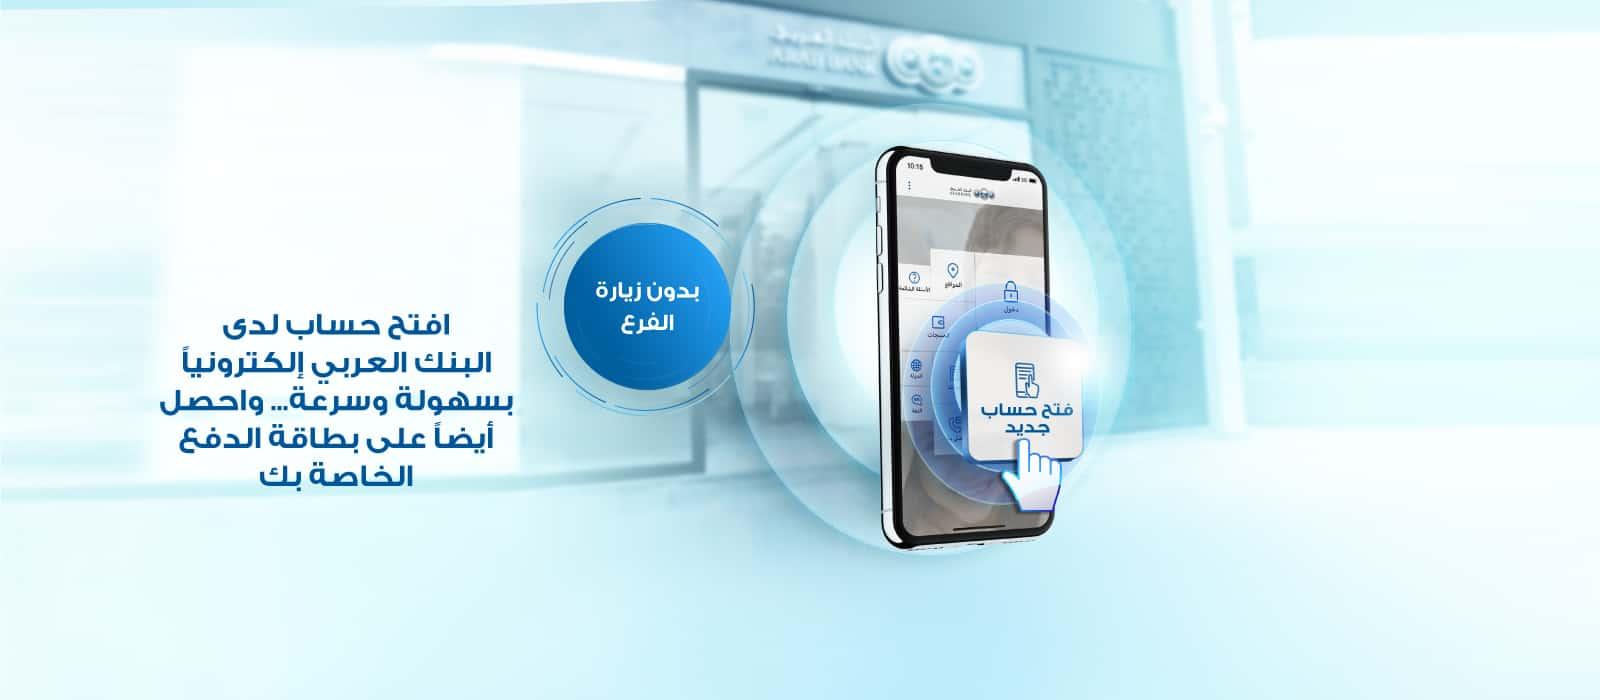 فتح حساب في البنك العربي الوطني للخدمات الالكترونية بدون زيارة الفرع Anb ثقفني